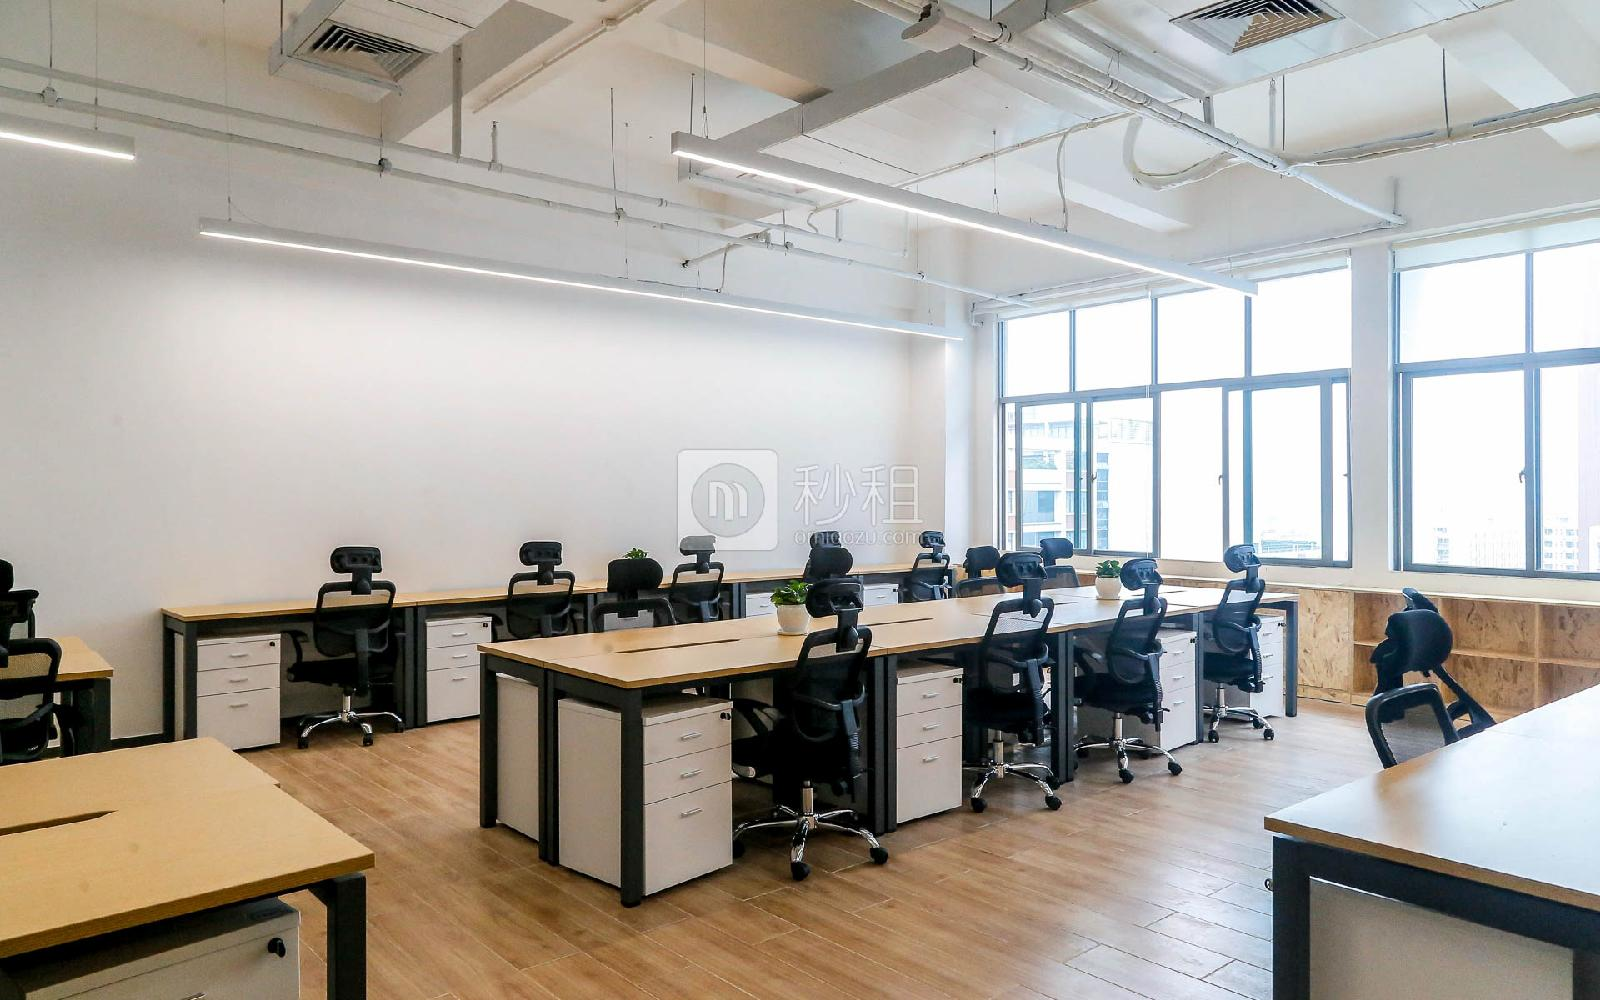 飞扬科技园-飞扬联合办公空间写字楼出租67平米精装办公室26400元/间.月